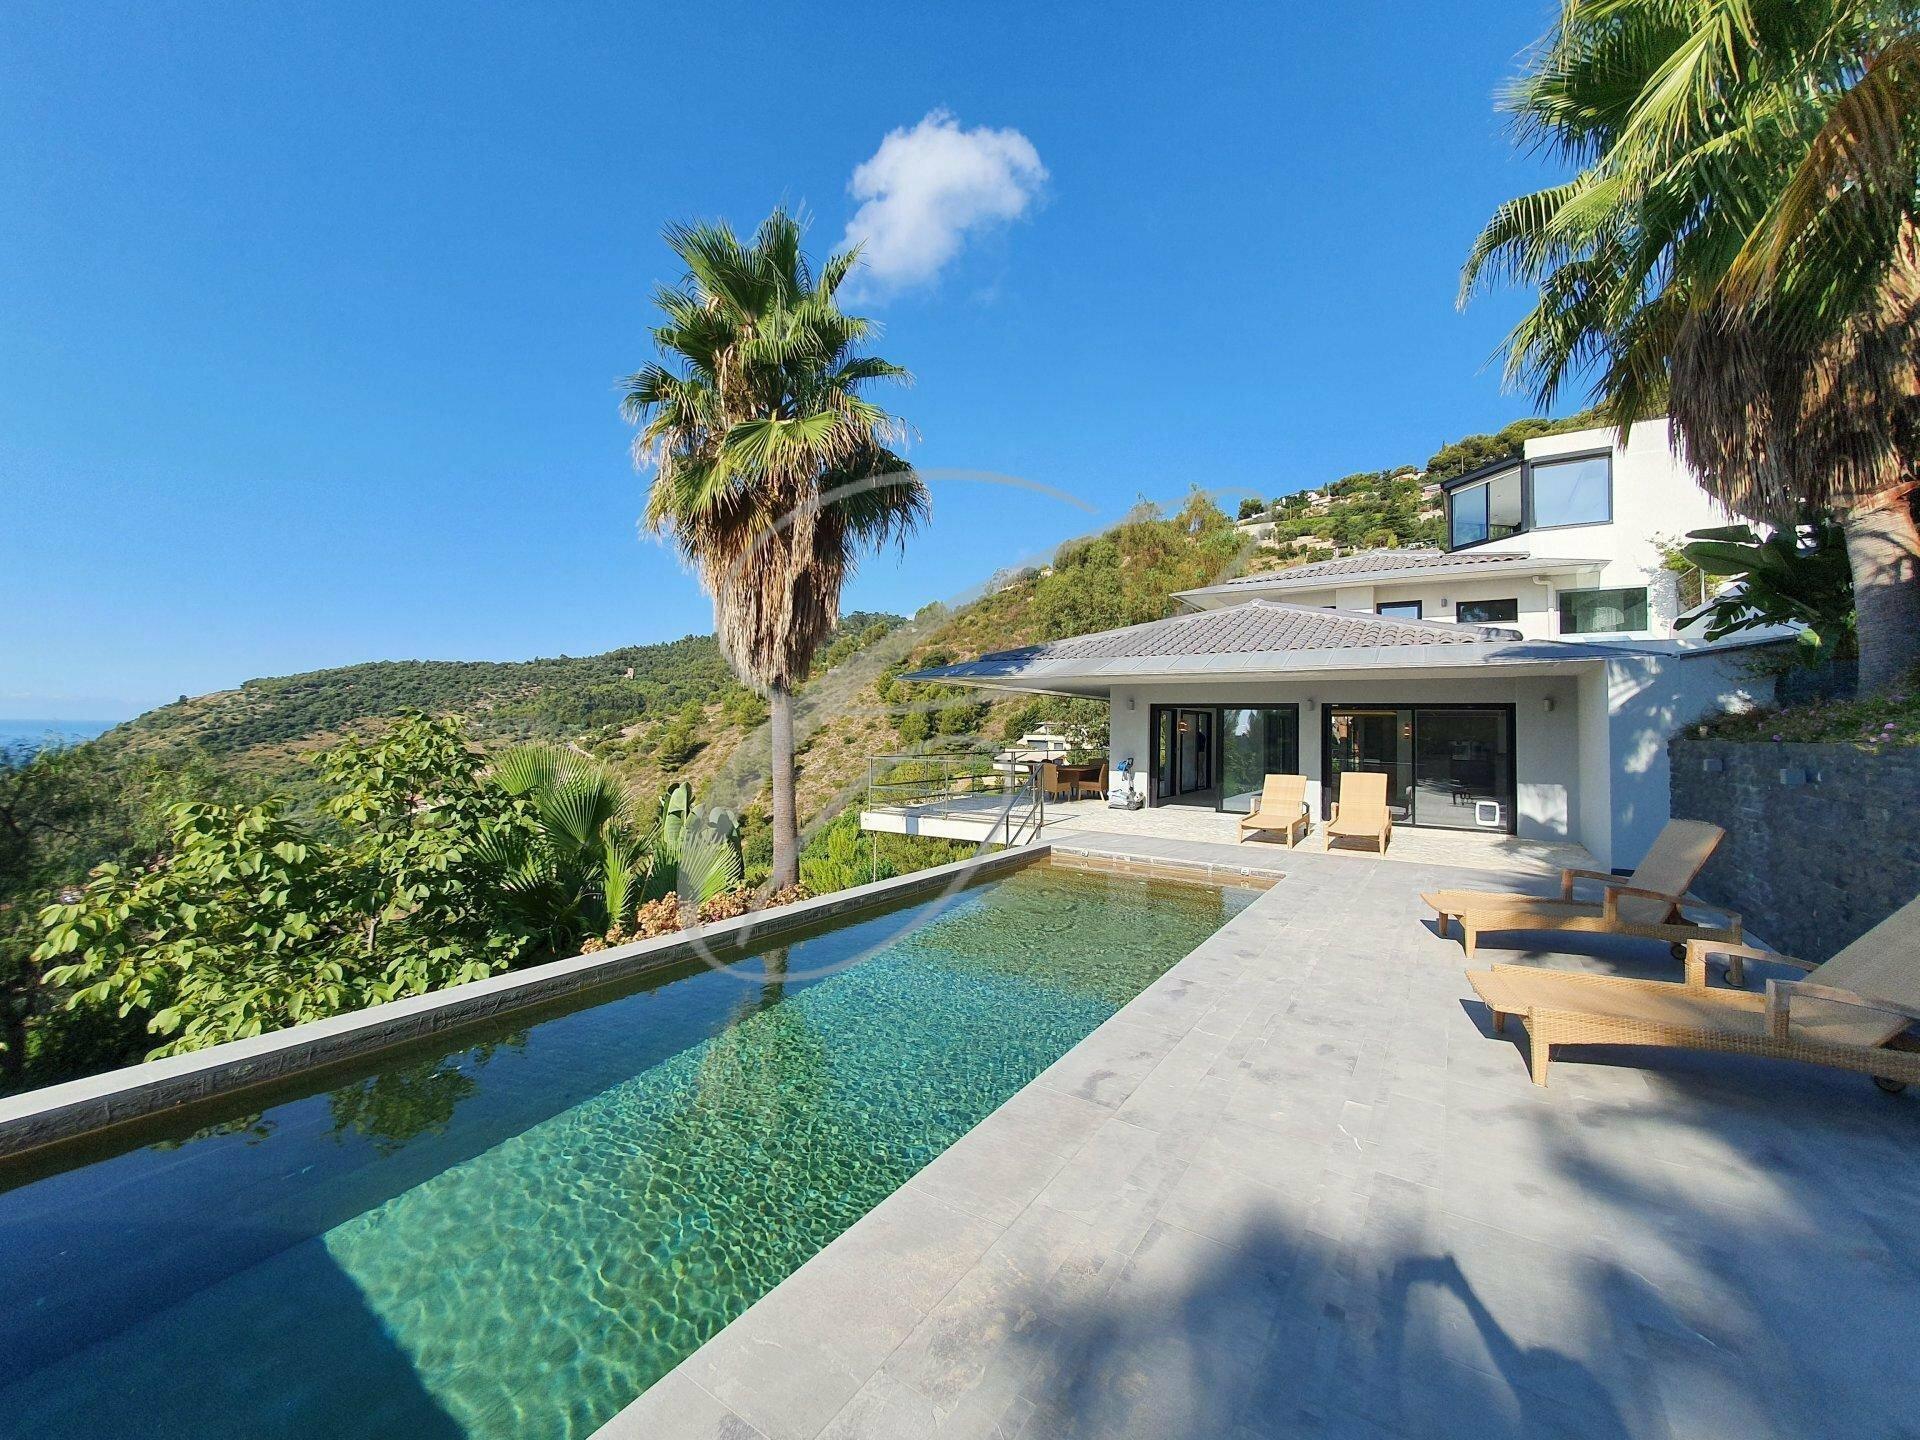 Villa in Èze, Provence-Alpes-Côte d'Azur, France 1 - 11530789